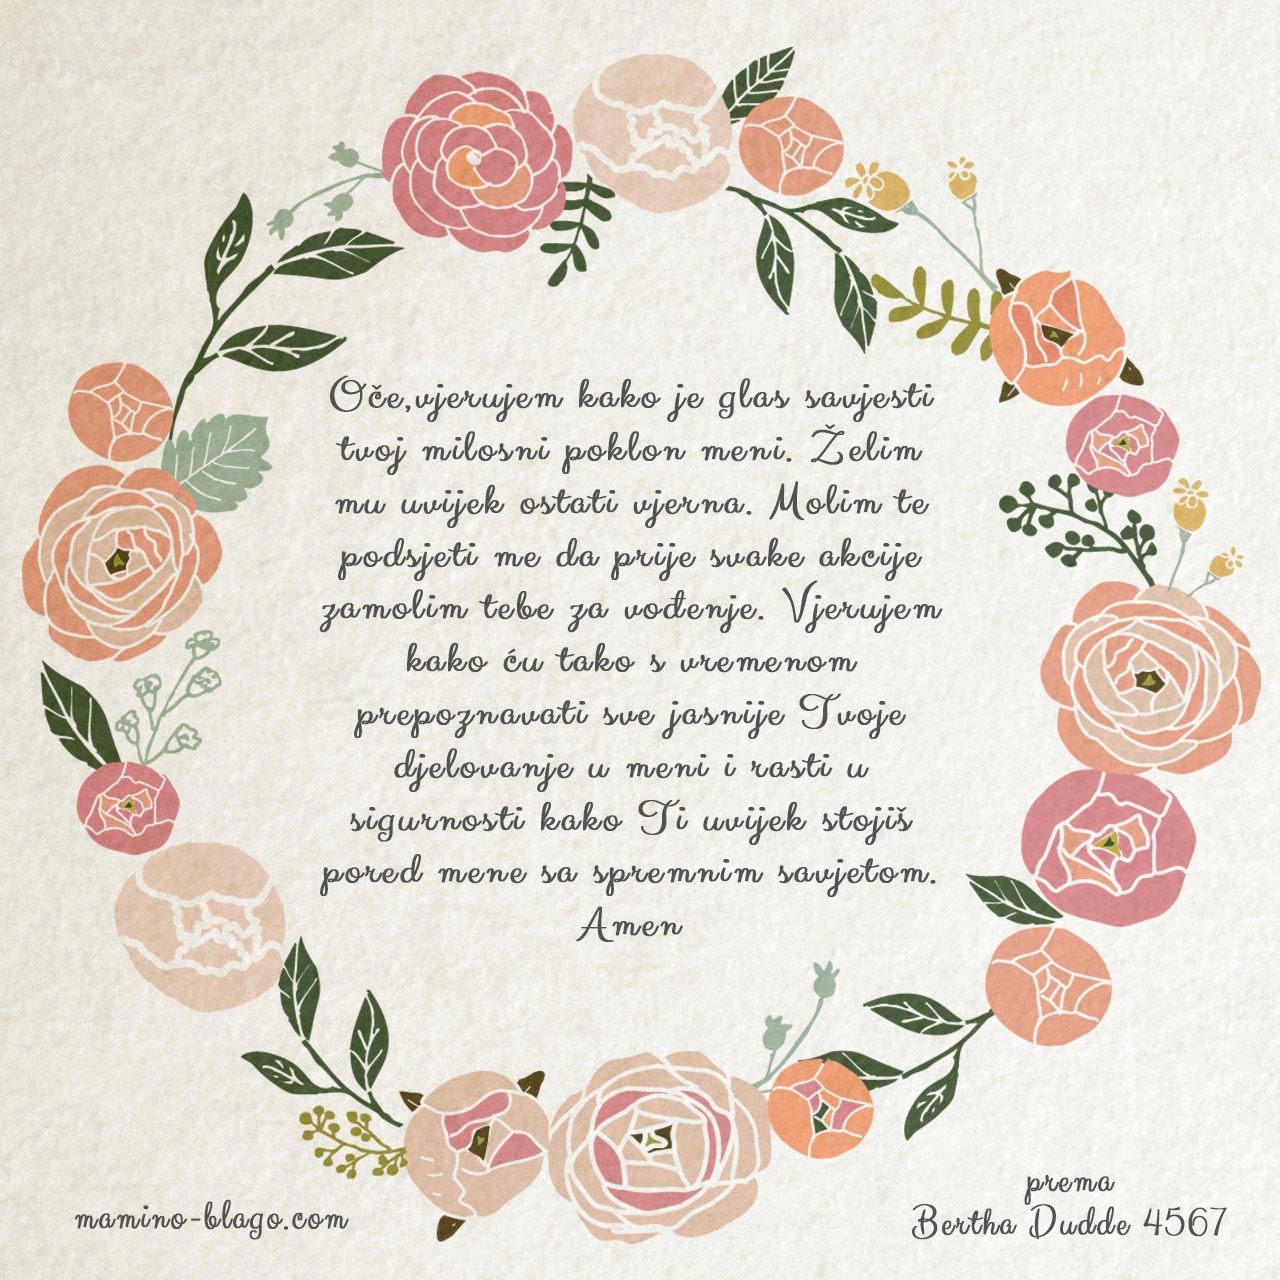 dnevna-molitva-1-mamino-blago